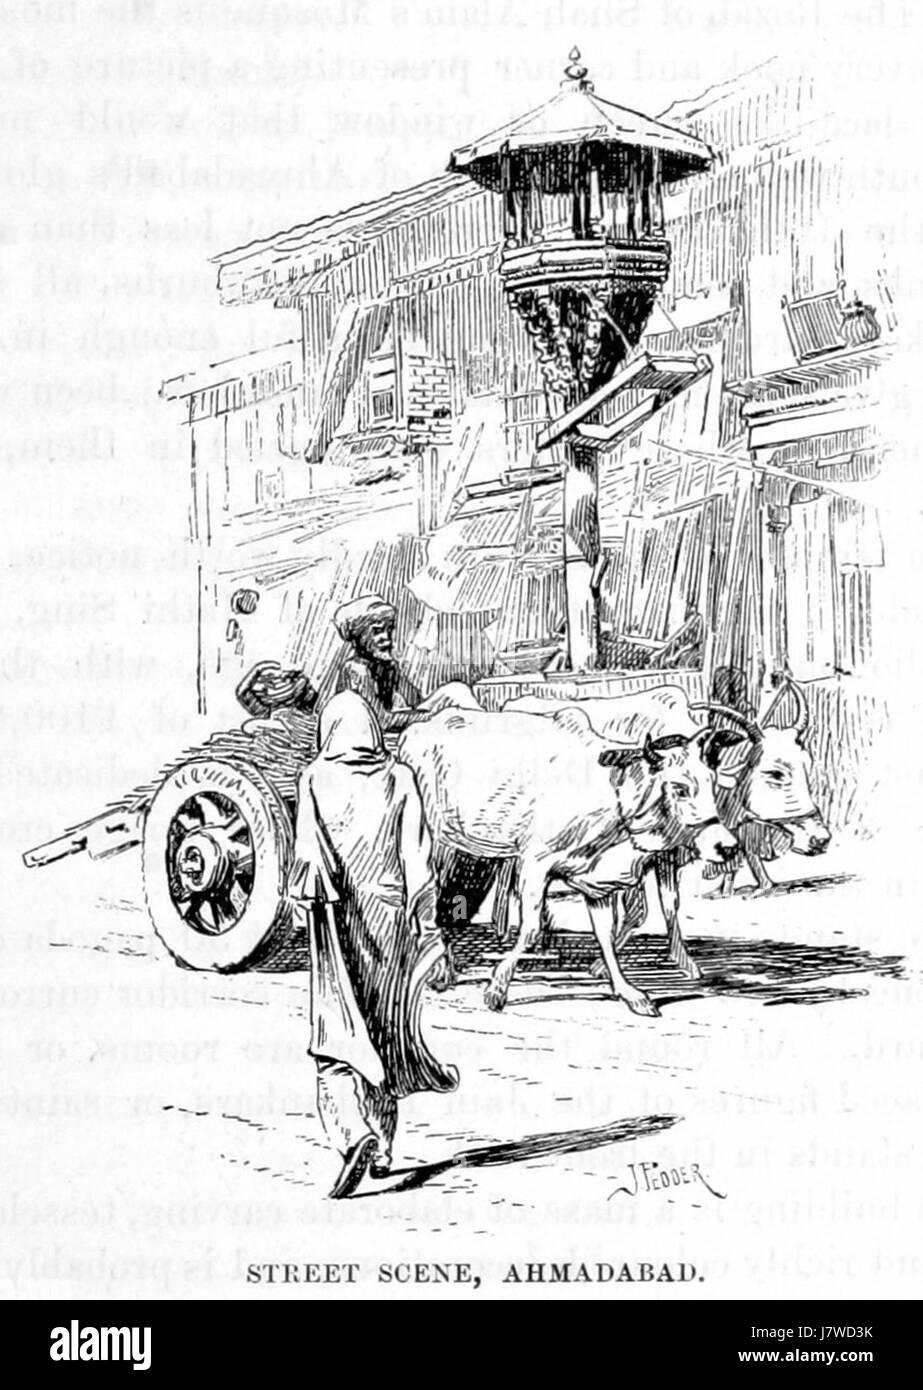 Ahmedabad street scene 1890 - Stock Image